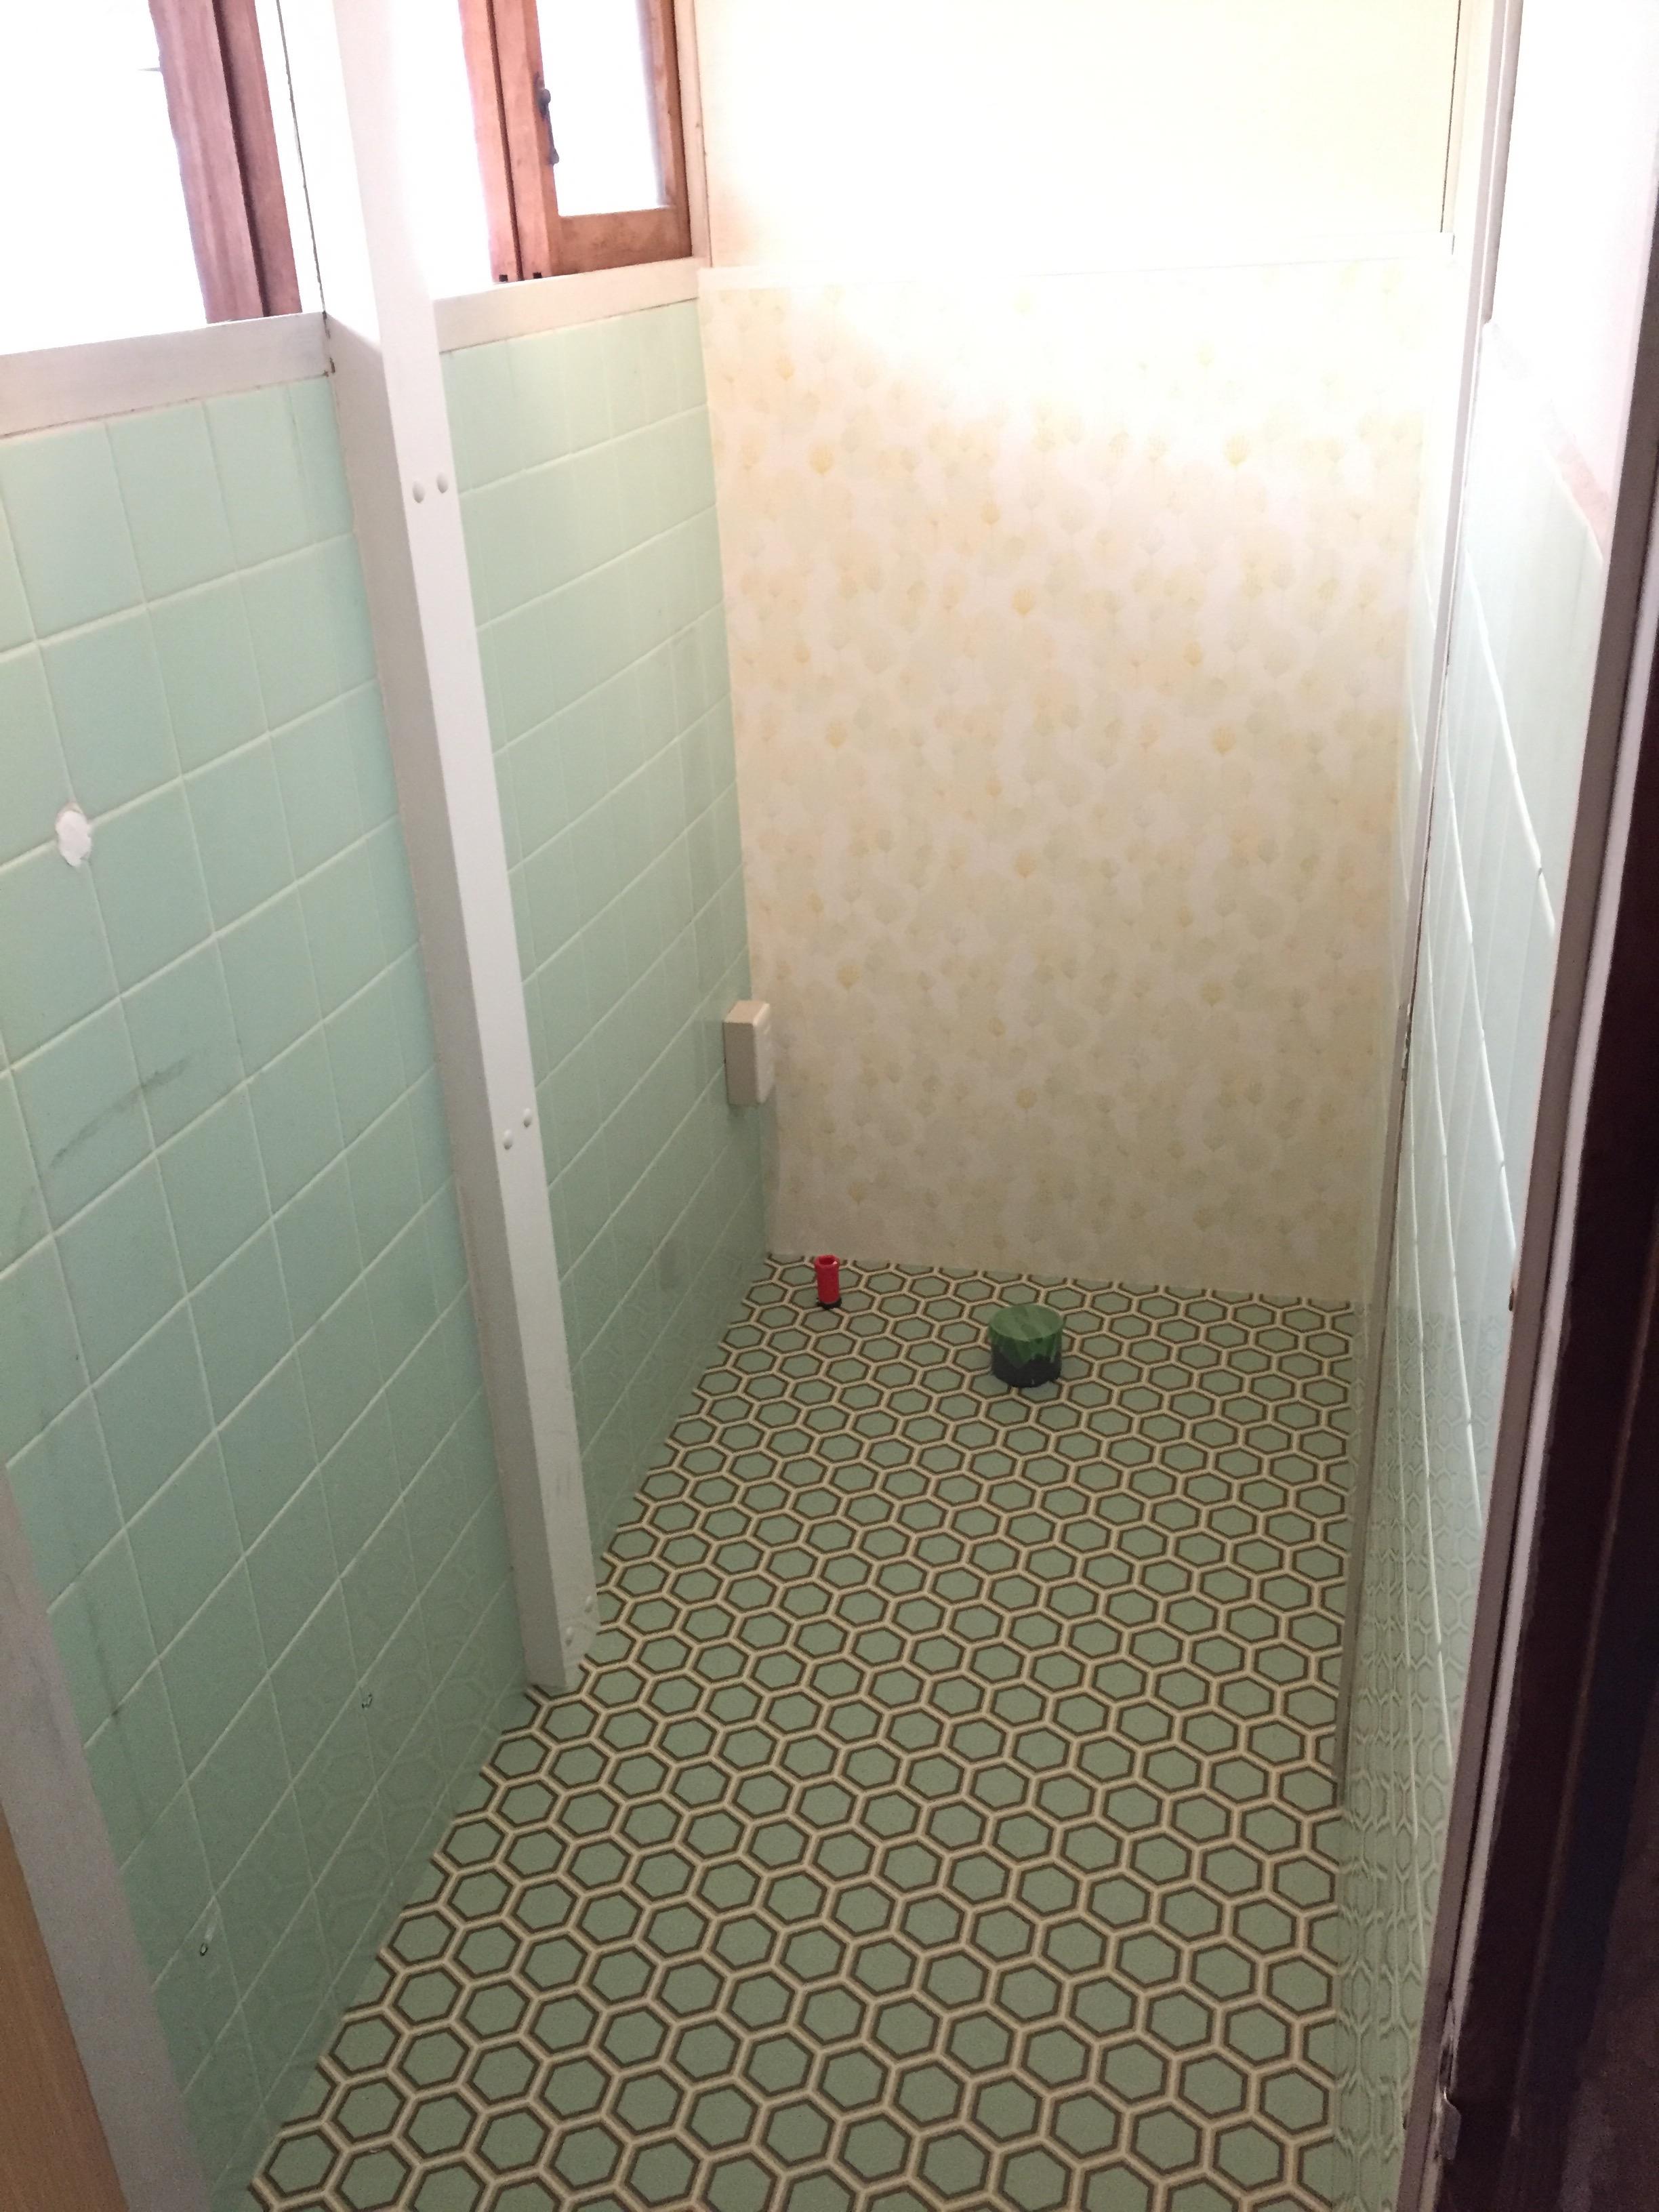 西条市 和式トイレから洋式ウォシュレットトイレにリフォーム 施工中4